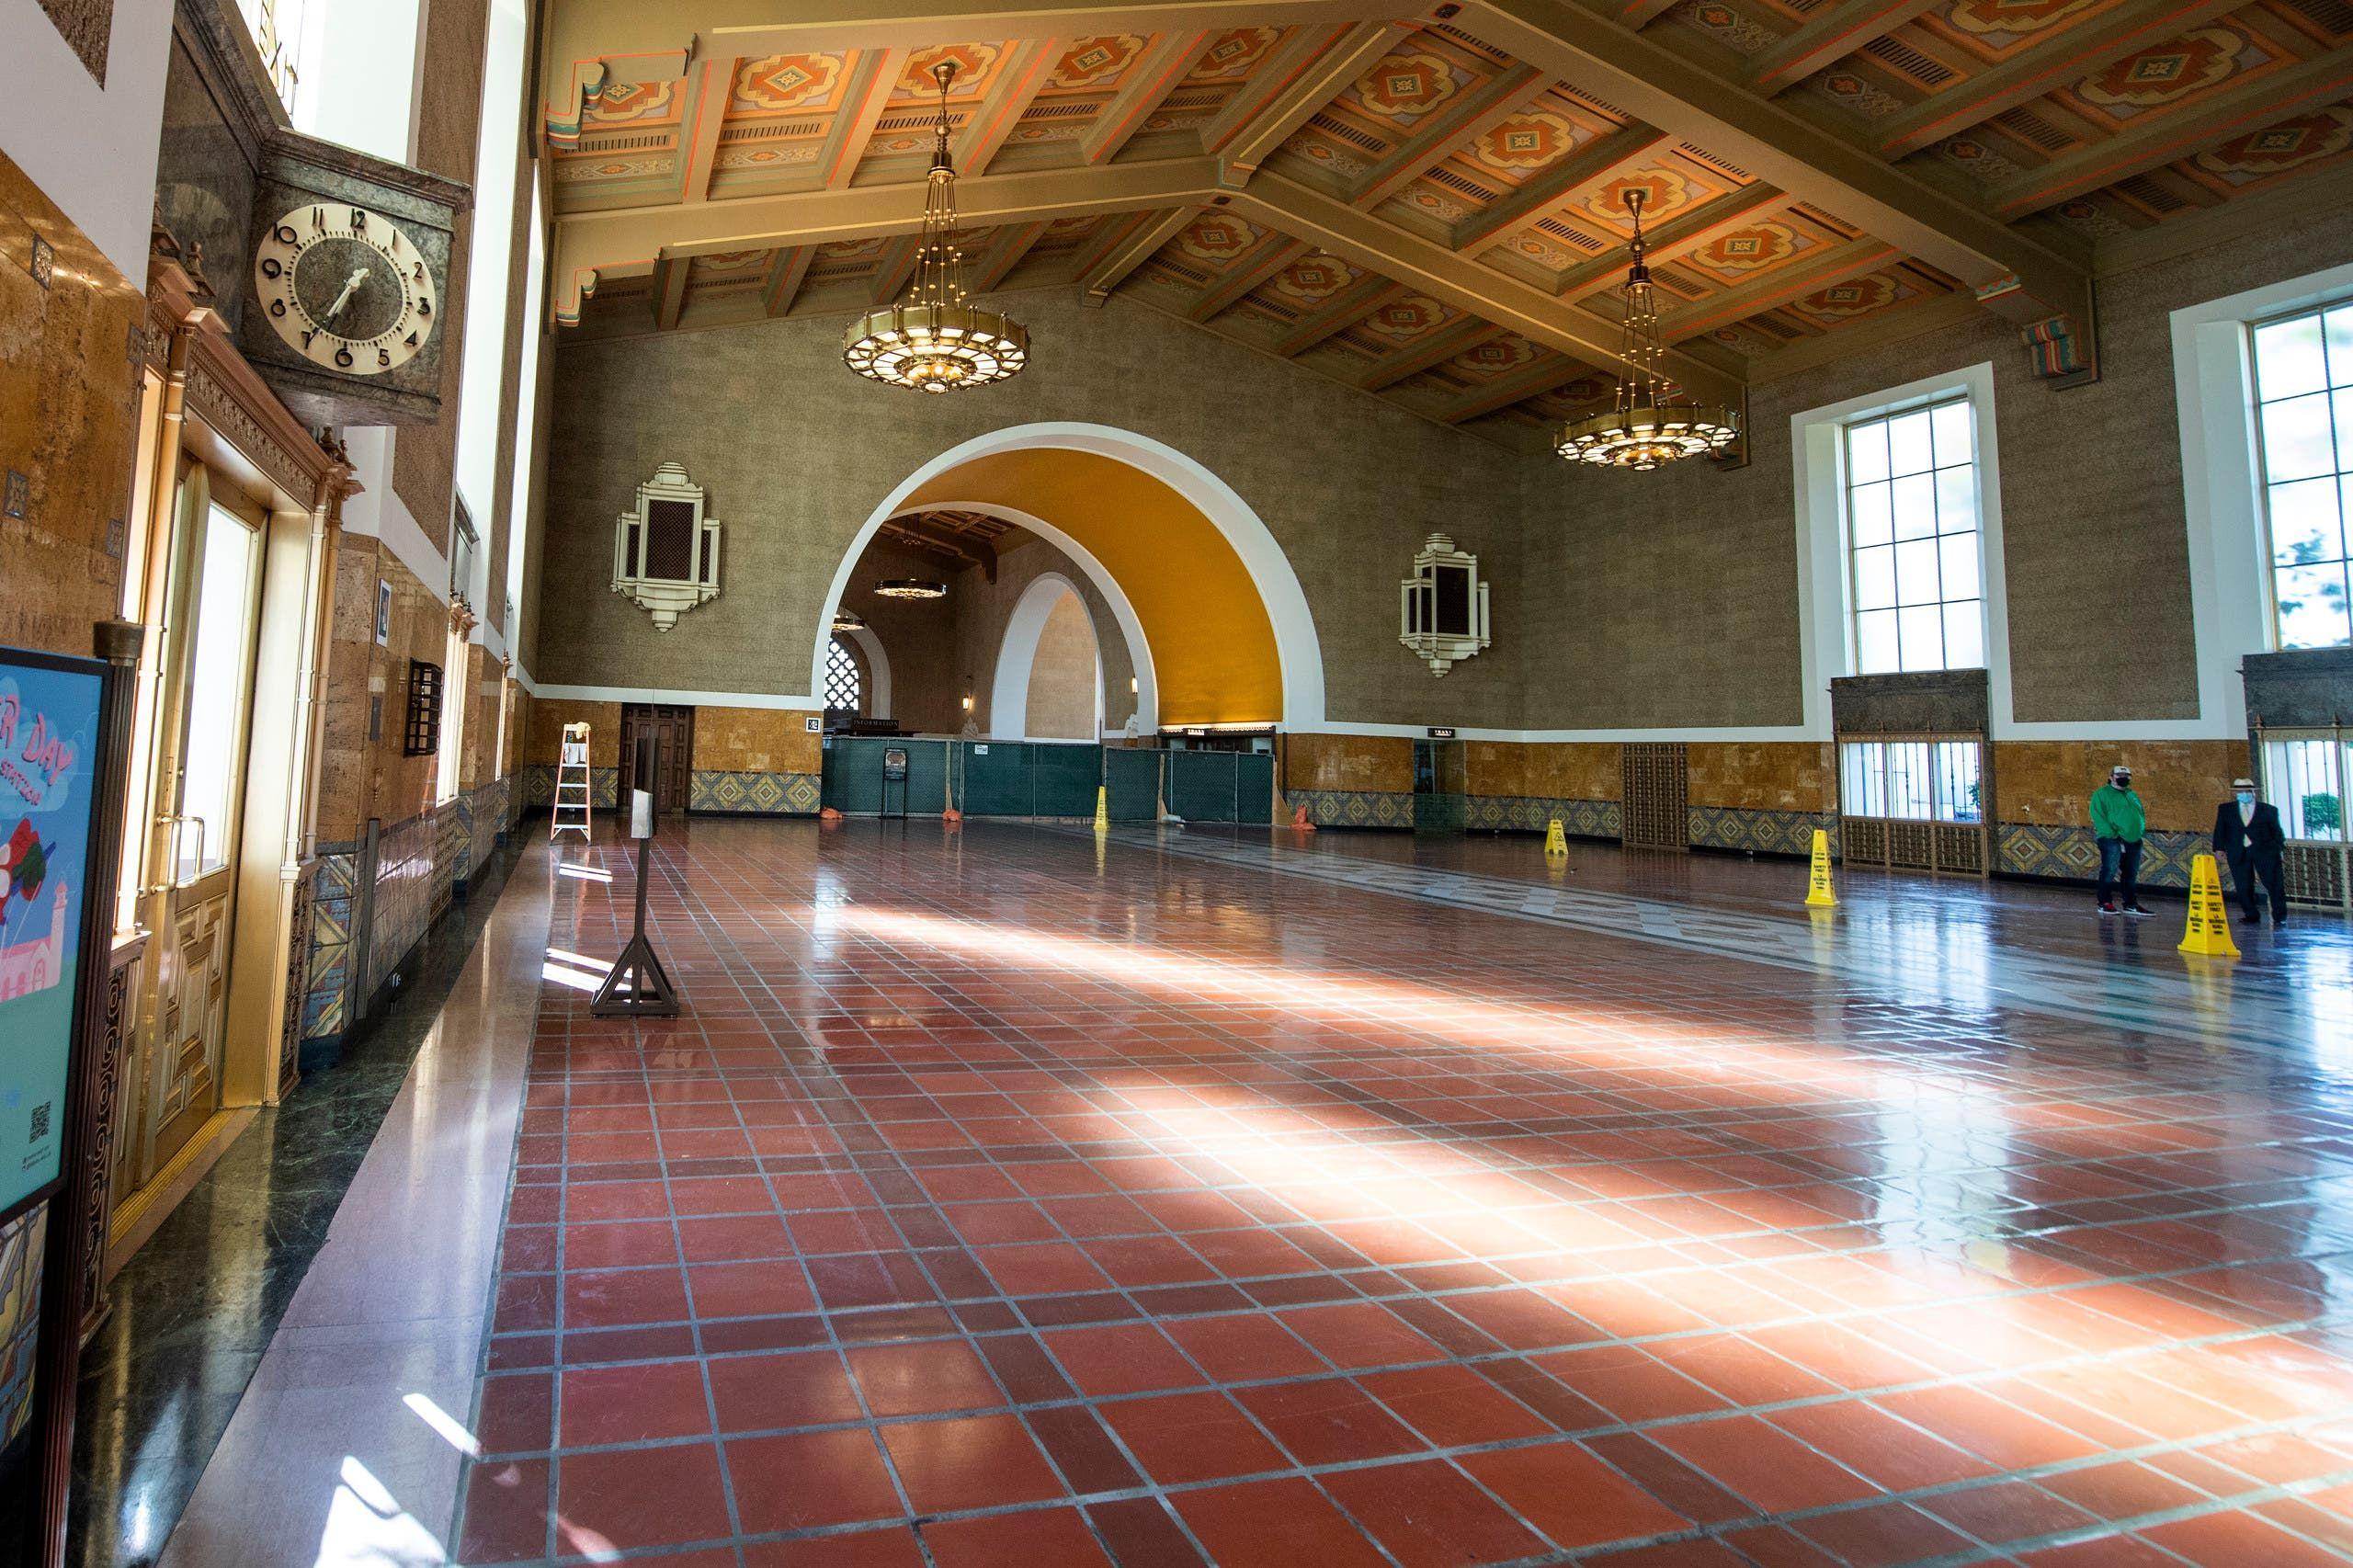 محطة سابقة للقطارات في لوس أنجلوس سيقام فيها الحفل الرئيسي